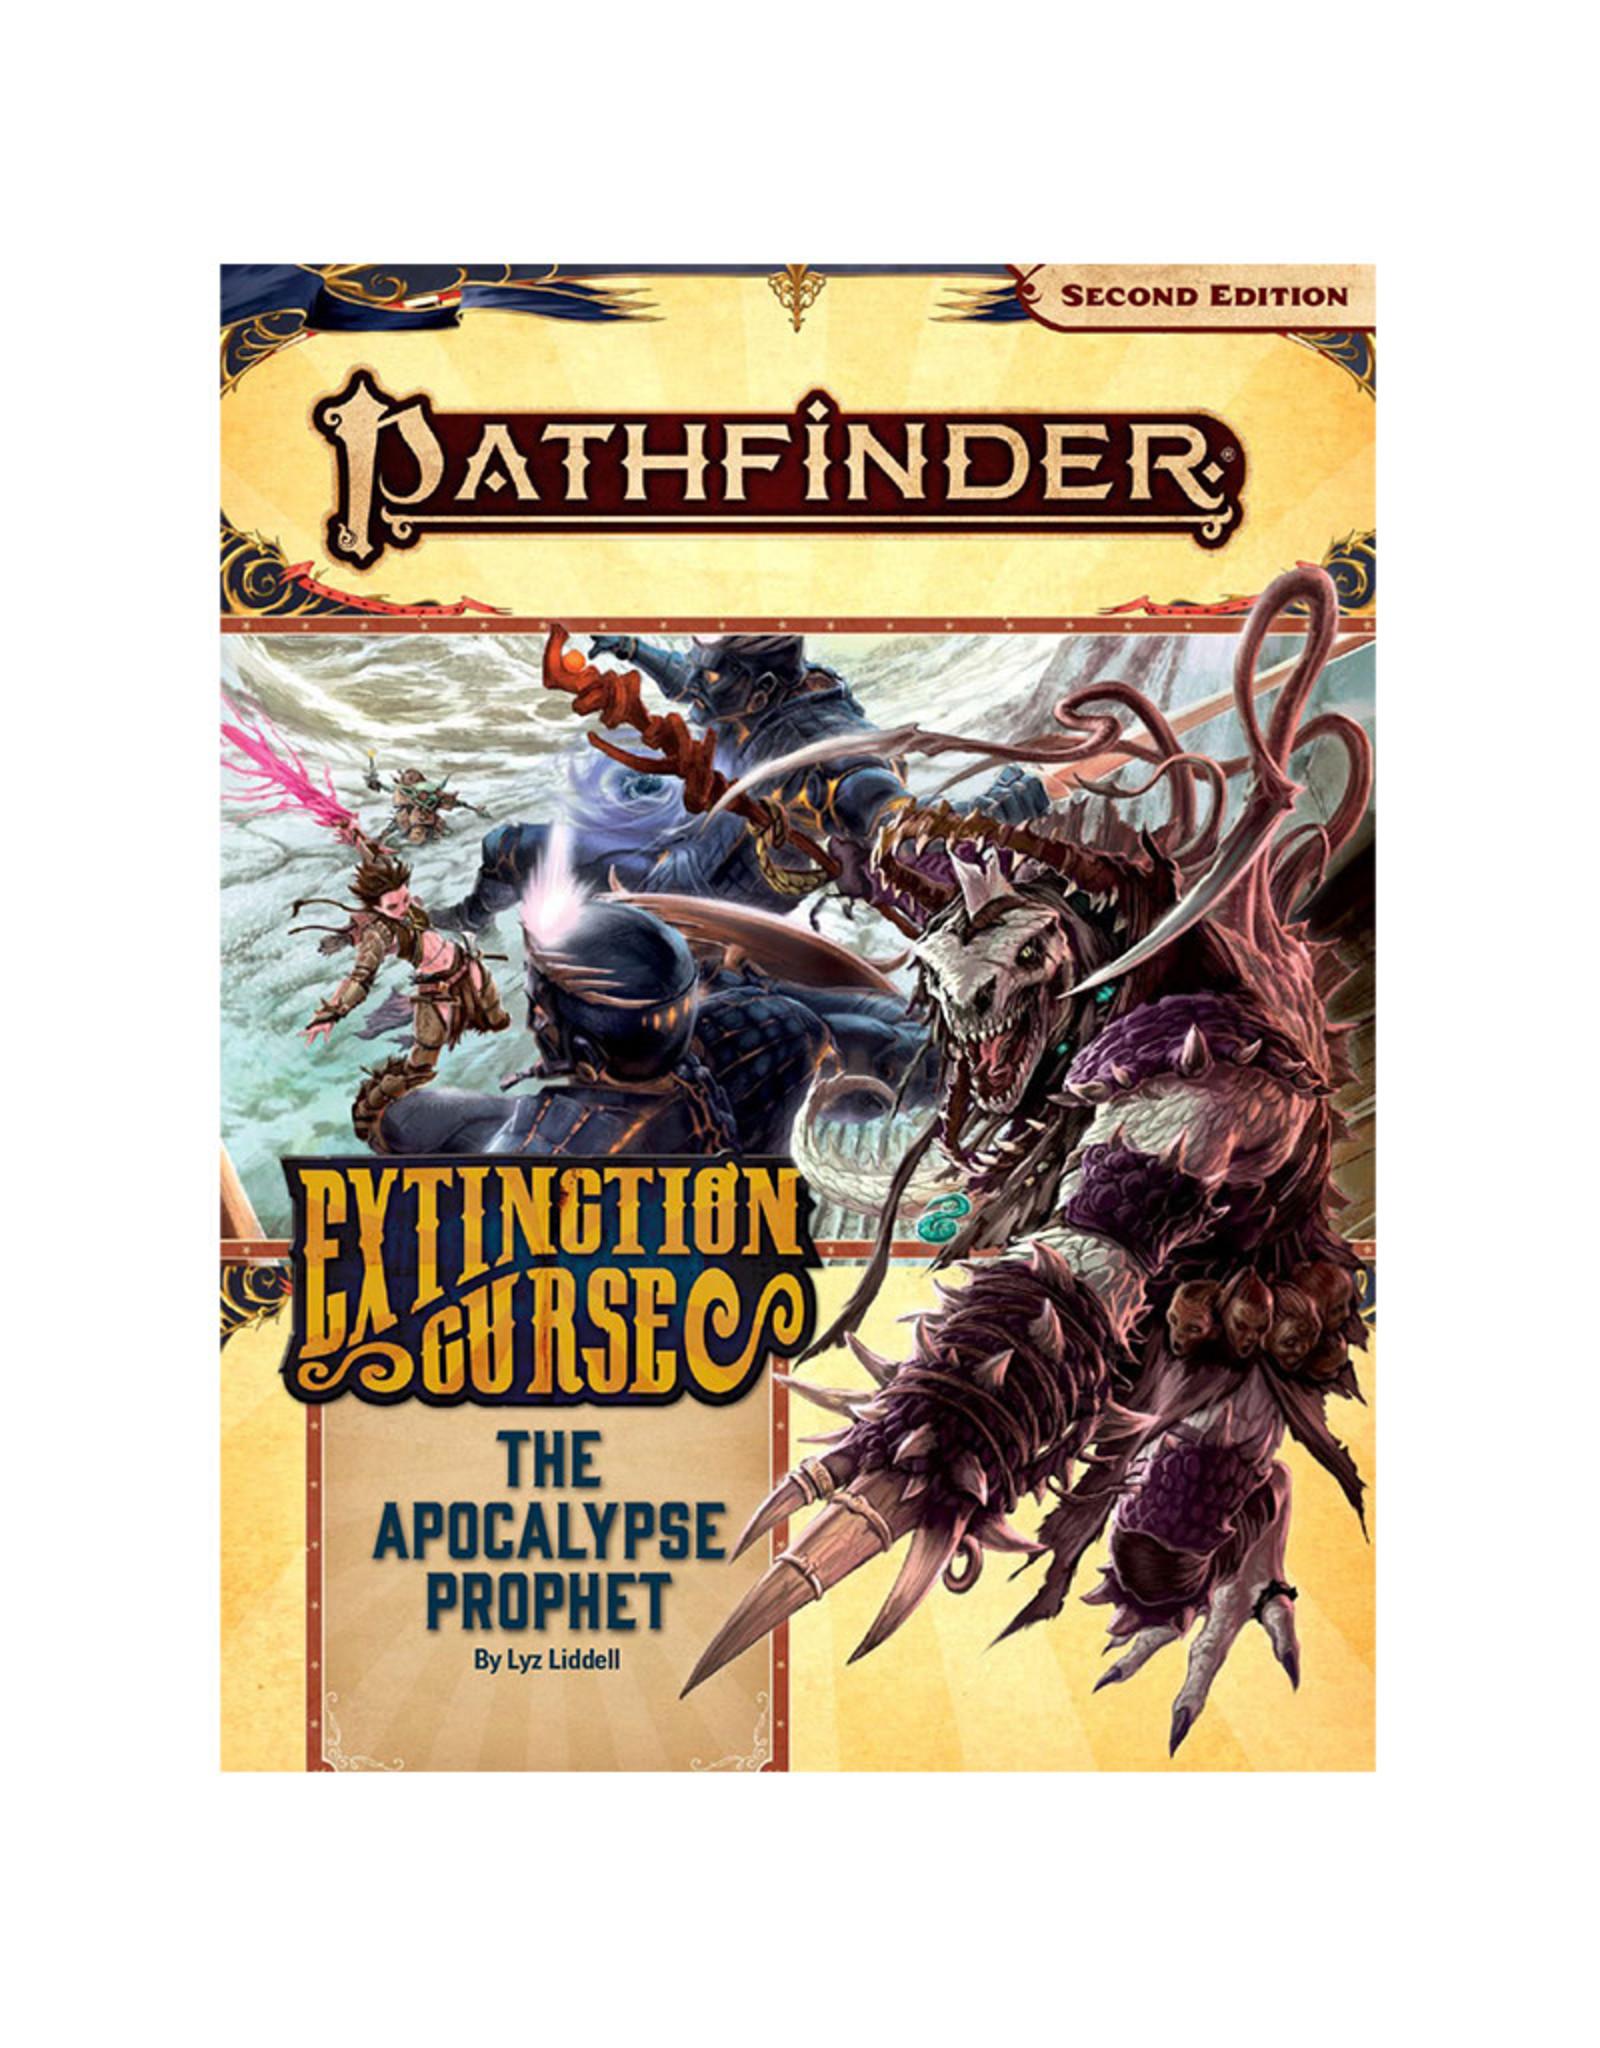 Paizo Pathfinder RPG: Extinction Curse Part 6 The Apocalypse Prophet